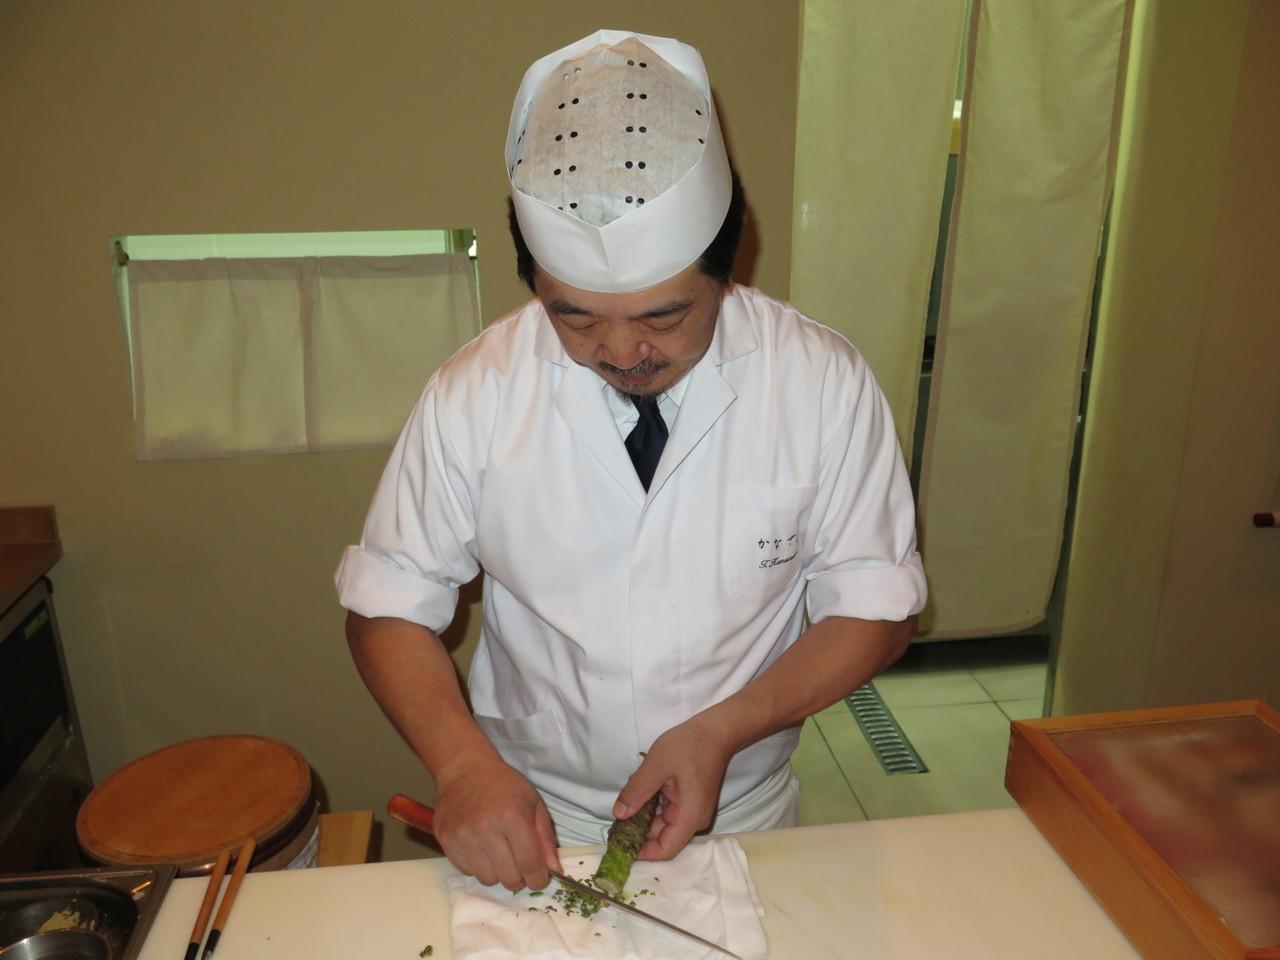 Tomoaki Kanazawa e a raiz da planta Wasabia Japonica